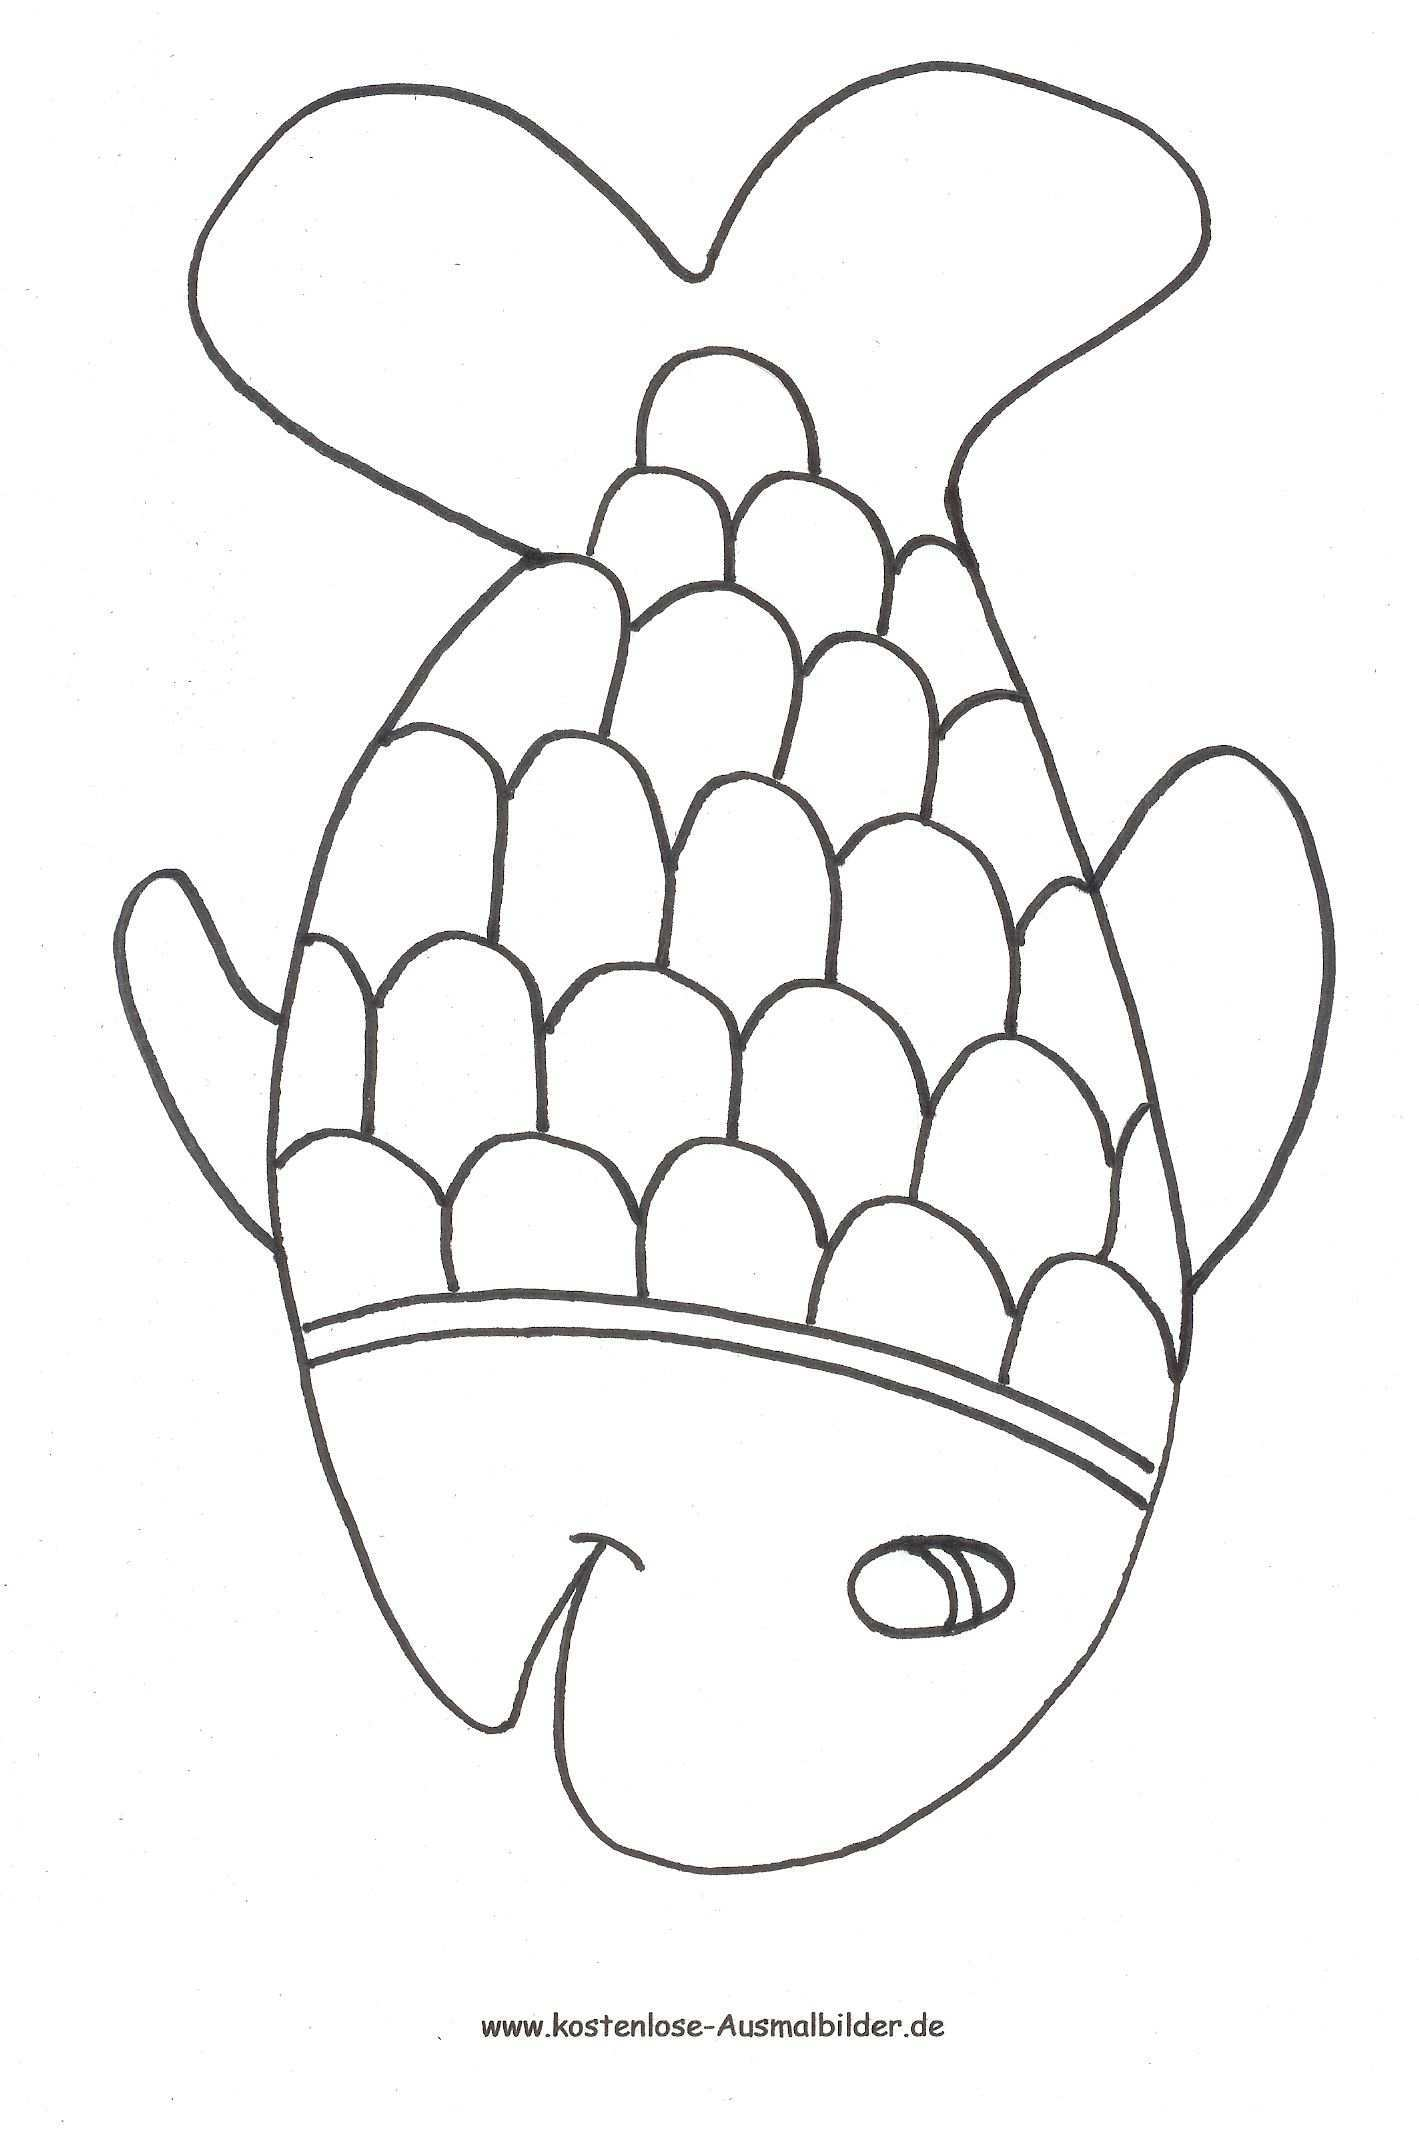 Ausmalbilder Fische Gratis Ausmalbilder Fur Kinder Ausmalbilder Fische Ausmalbilder Fisch Vorlage